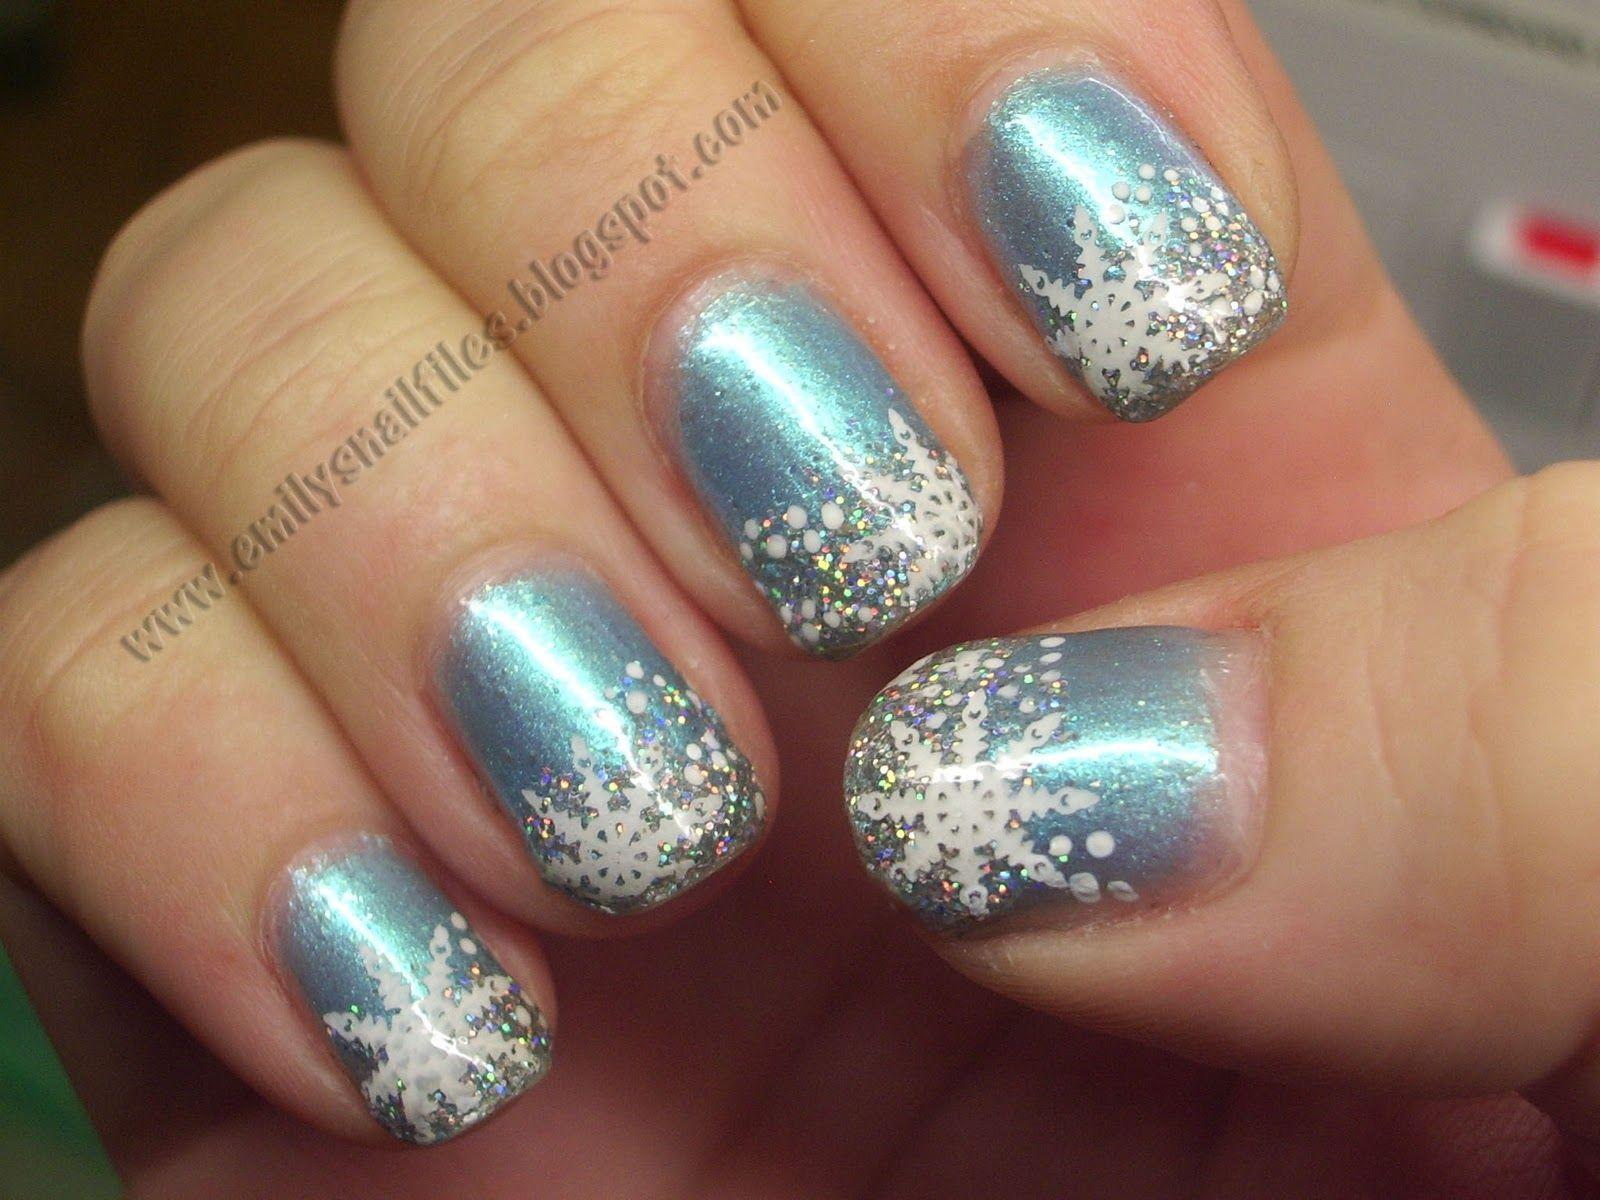 Snowflake_Nail_Design | Nails | Pinterest | Christmas nail ...